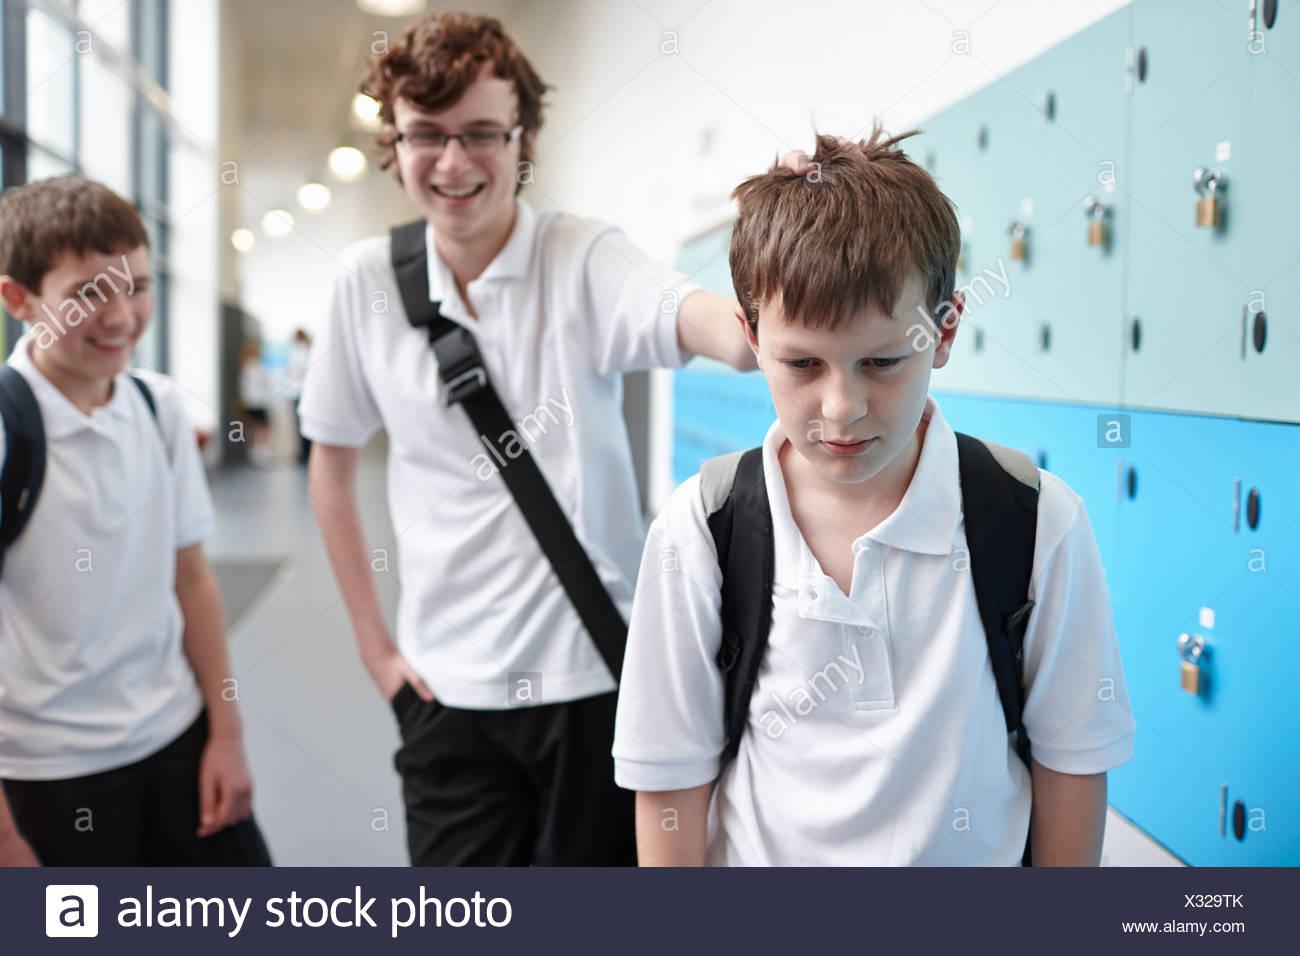 El colegial siendo acosado en el corredor de la escuela Imagen De Stock